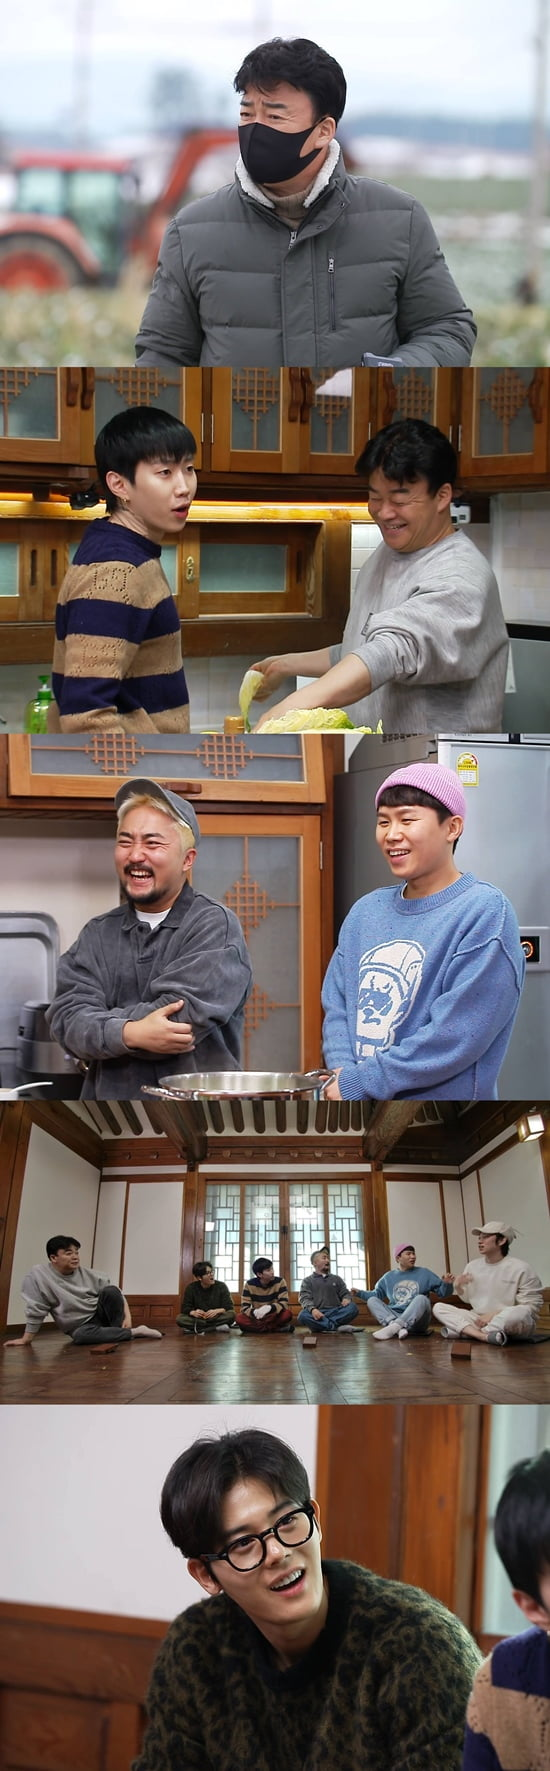 '맛남의 광장' 예고/ 사진=SBS 제공